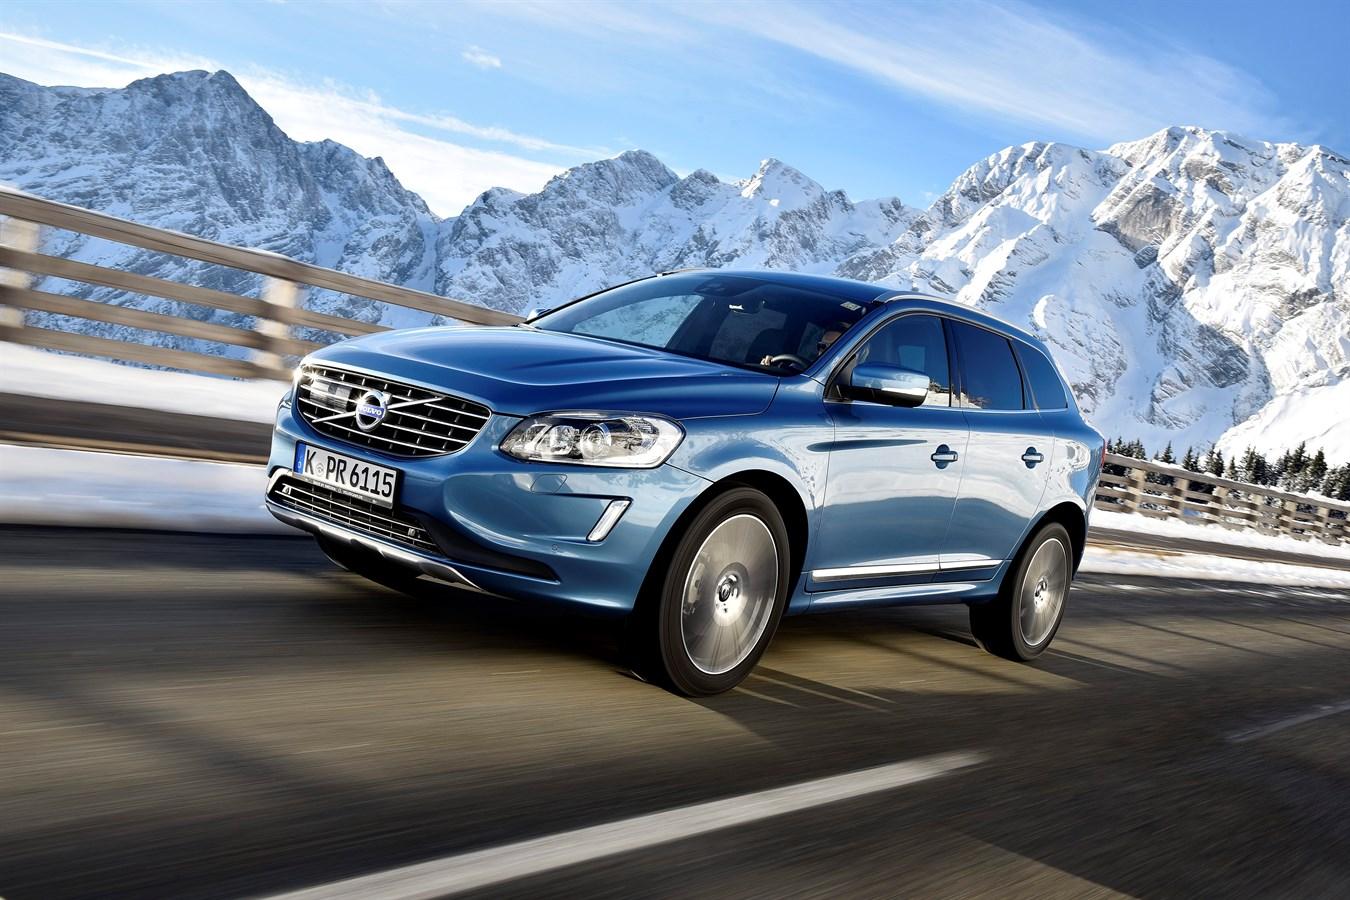 modèle - 2017 xc60 - accueil - site média volvo car france